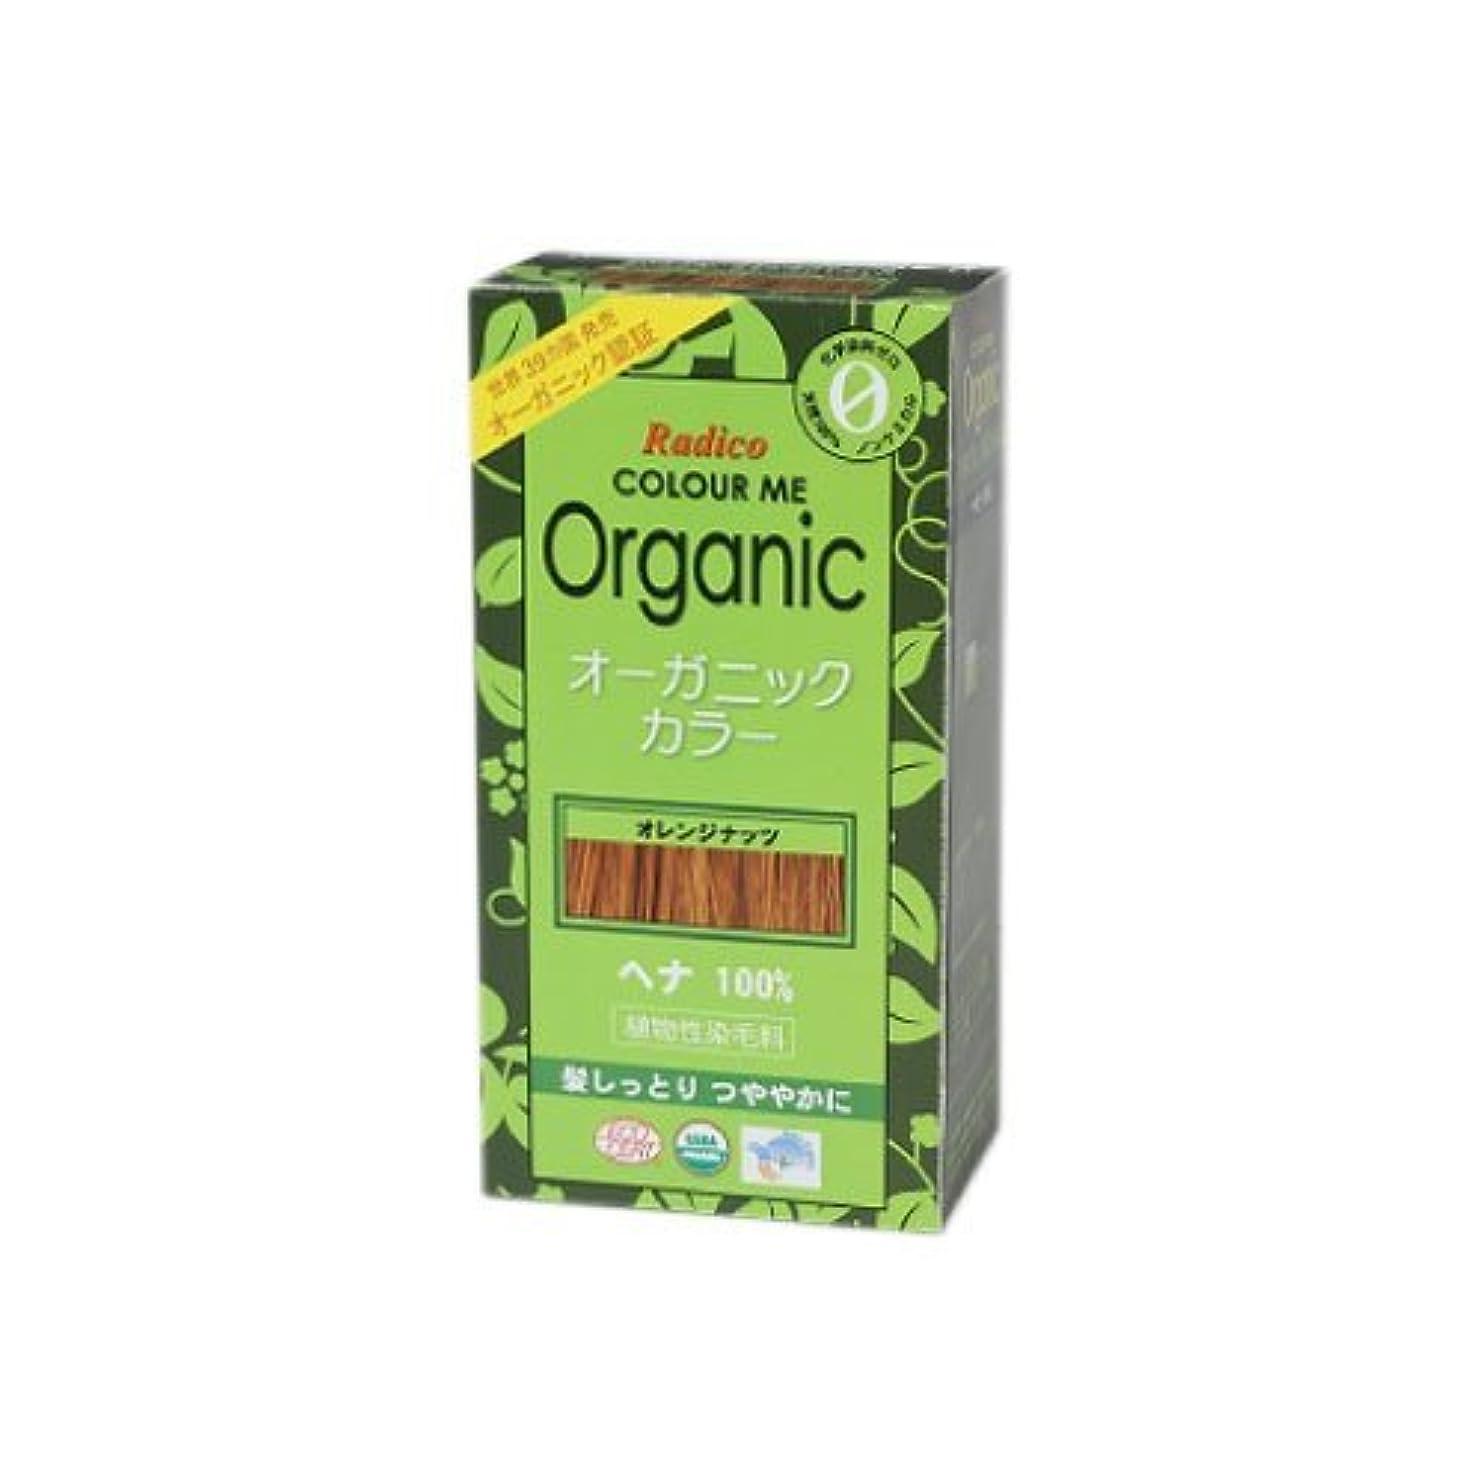 ドラゴン洗練されたメロディアスCOLOURME Organic (カラーミーオーガニック ヘナ 白髪用) オレンジナッツ 100g